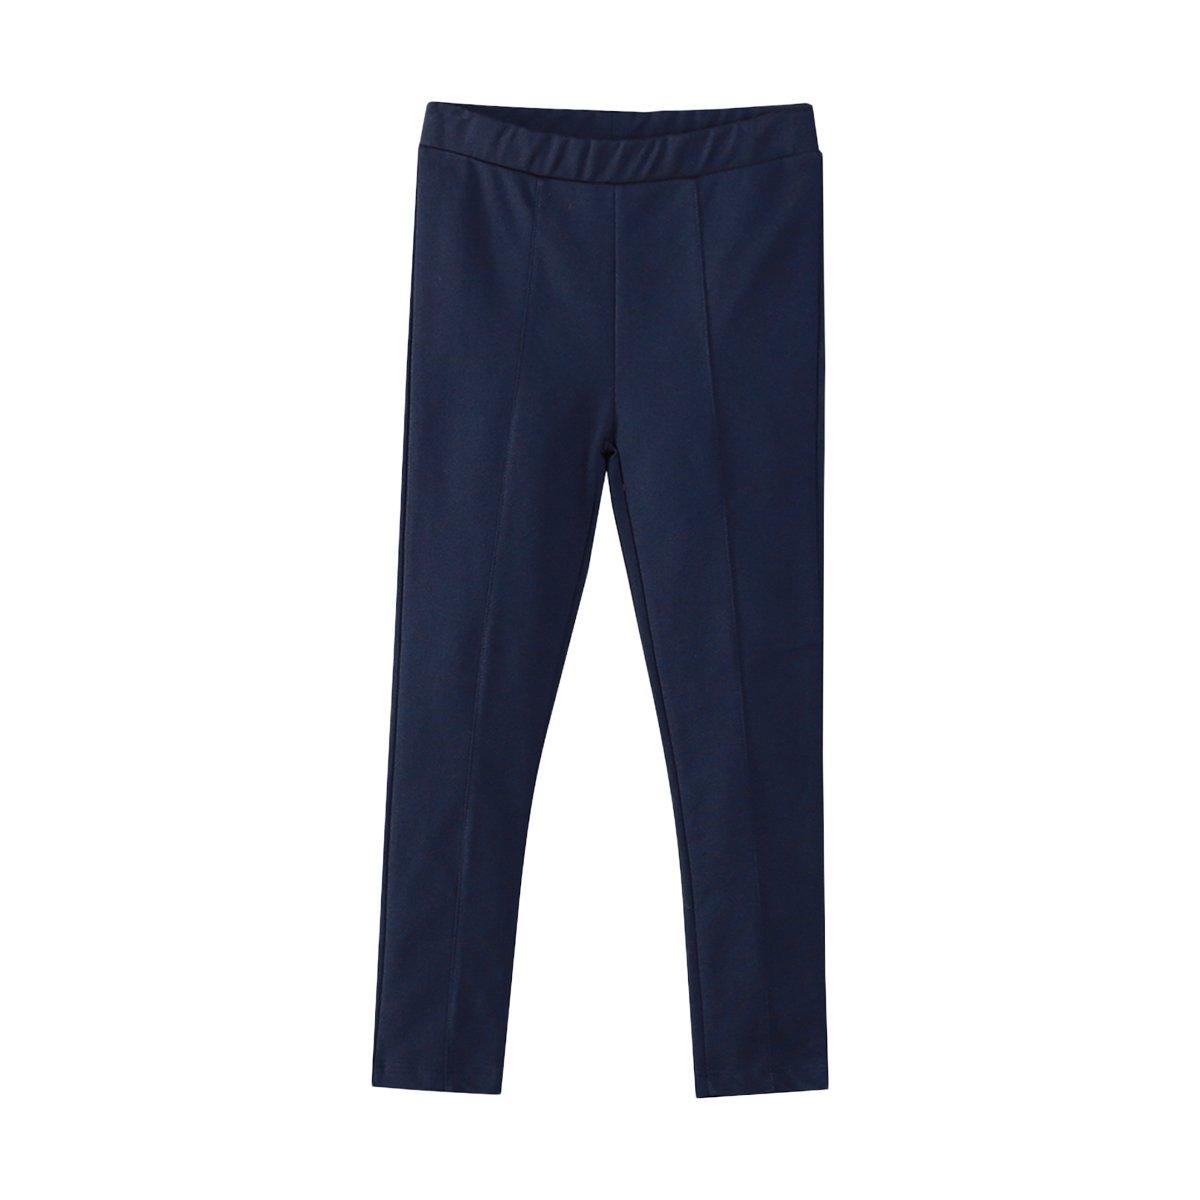 Pantaloni cu talie elastica Zippy, Albastru